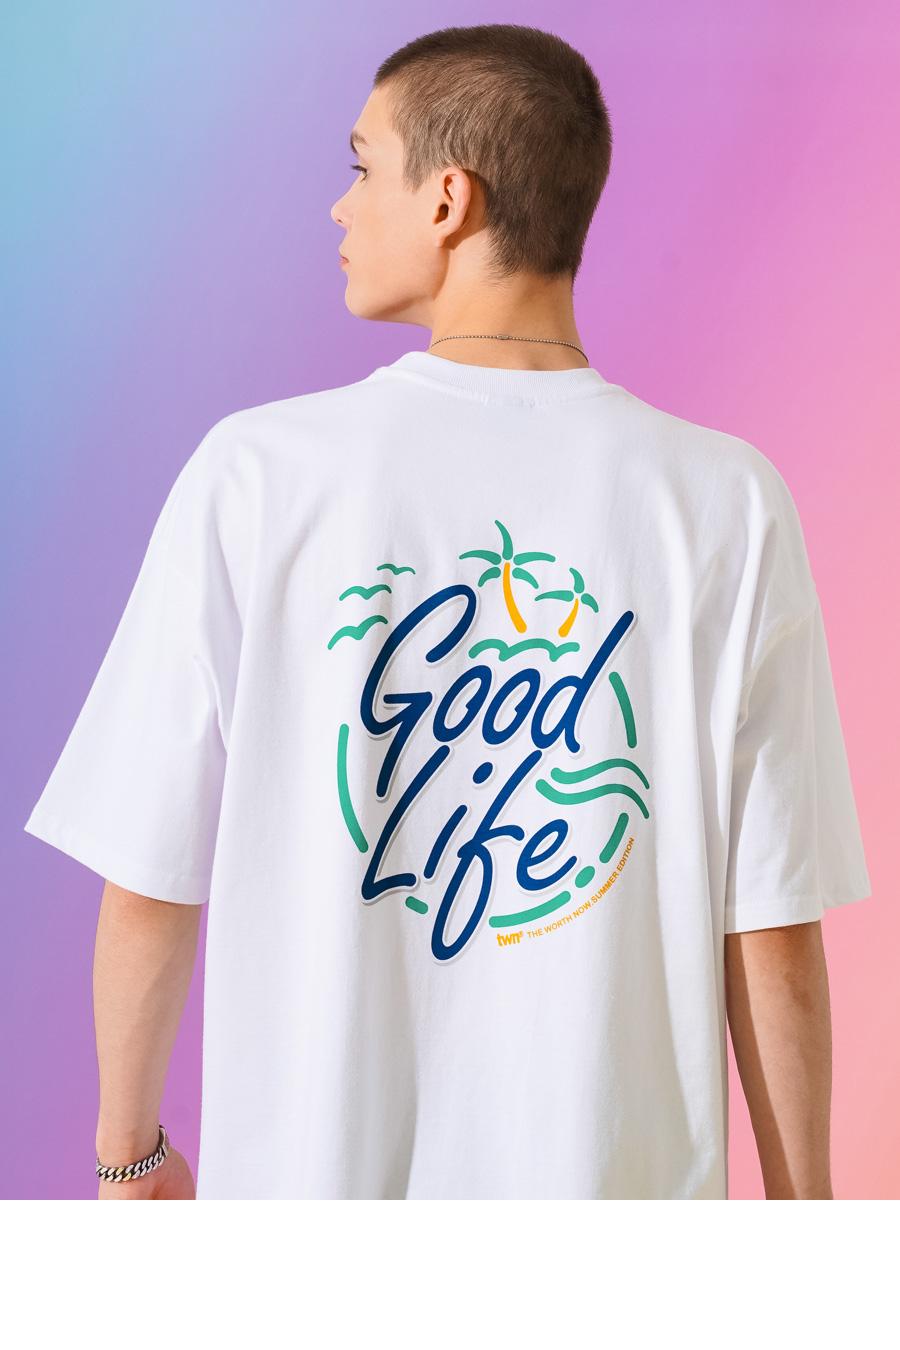 20200325_twn_goodlife_model_sh_11.jpg